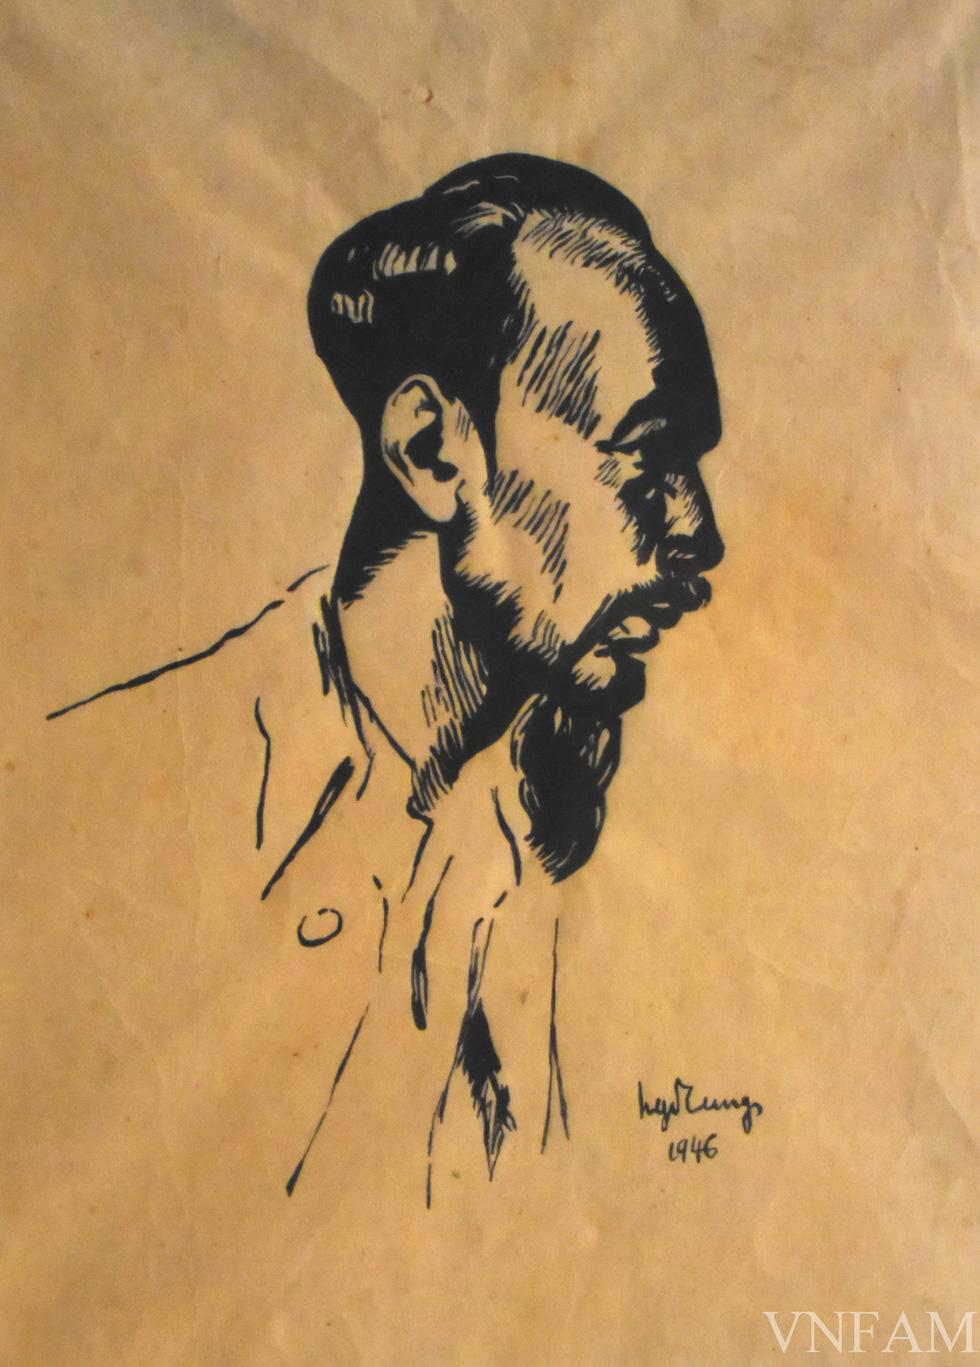 Ngắm tranh Bác Hồ của các danh họa Trần Văn Cẩn, Dương Bích Liên, Lê Bá Đảng - Ảnh 2.